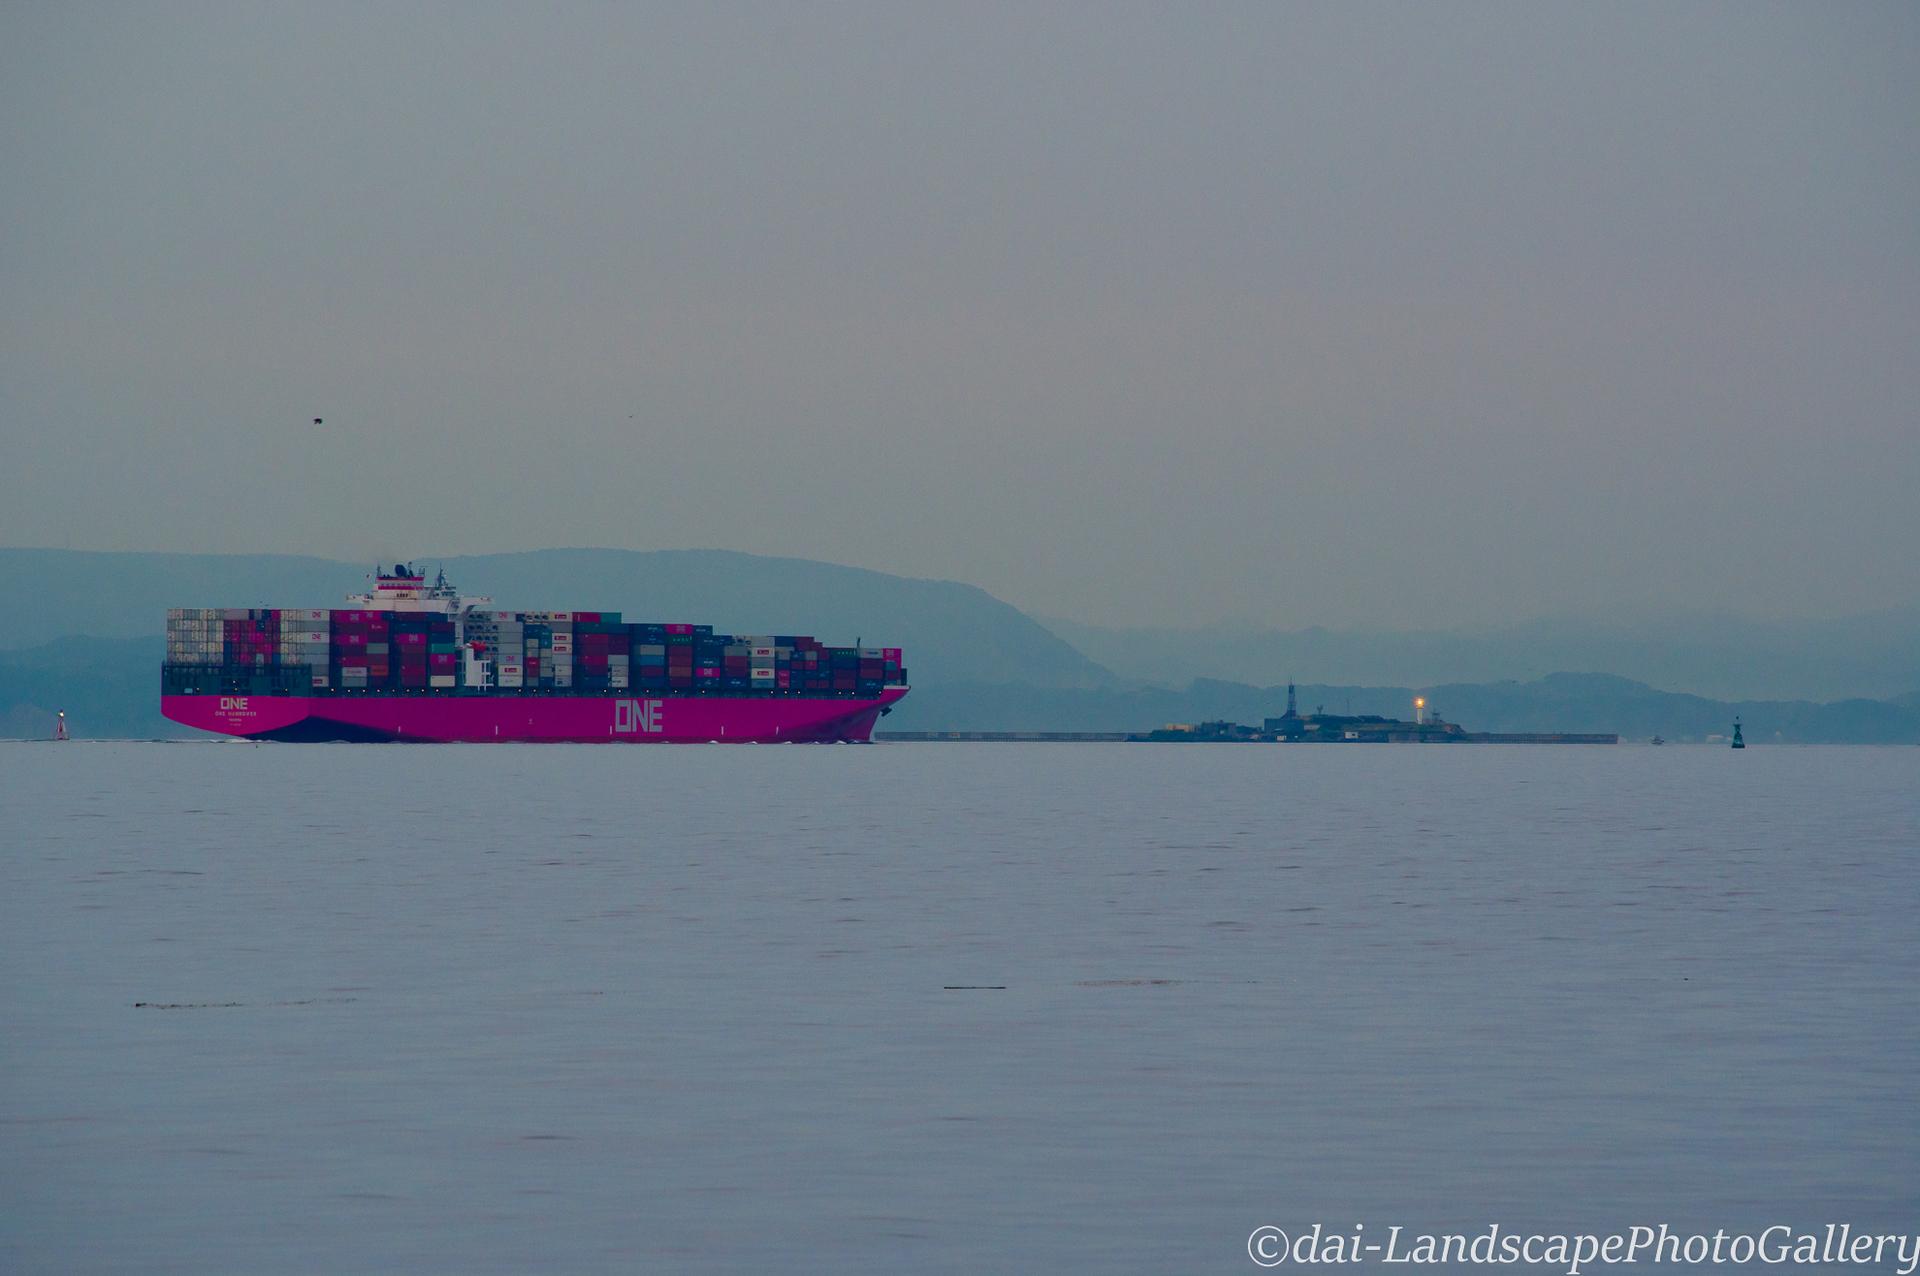 浦賀水道へ向かうコンテナ船